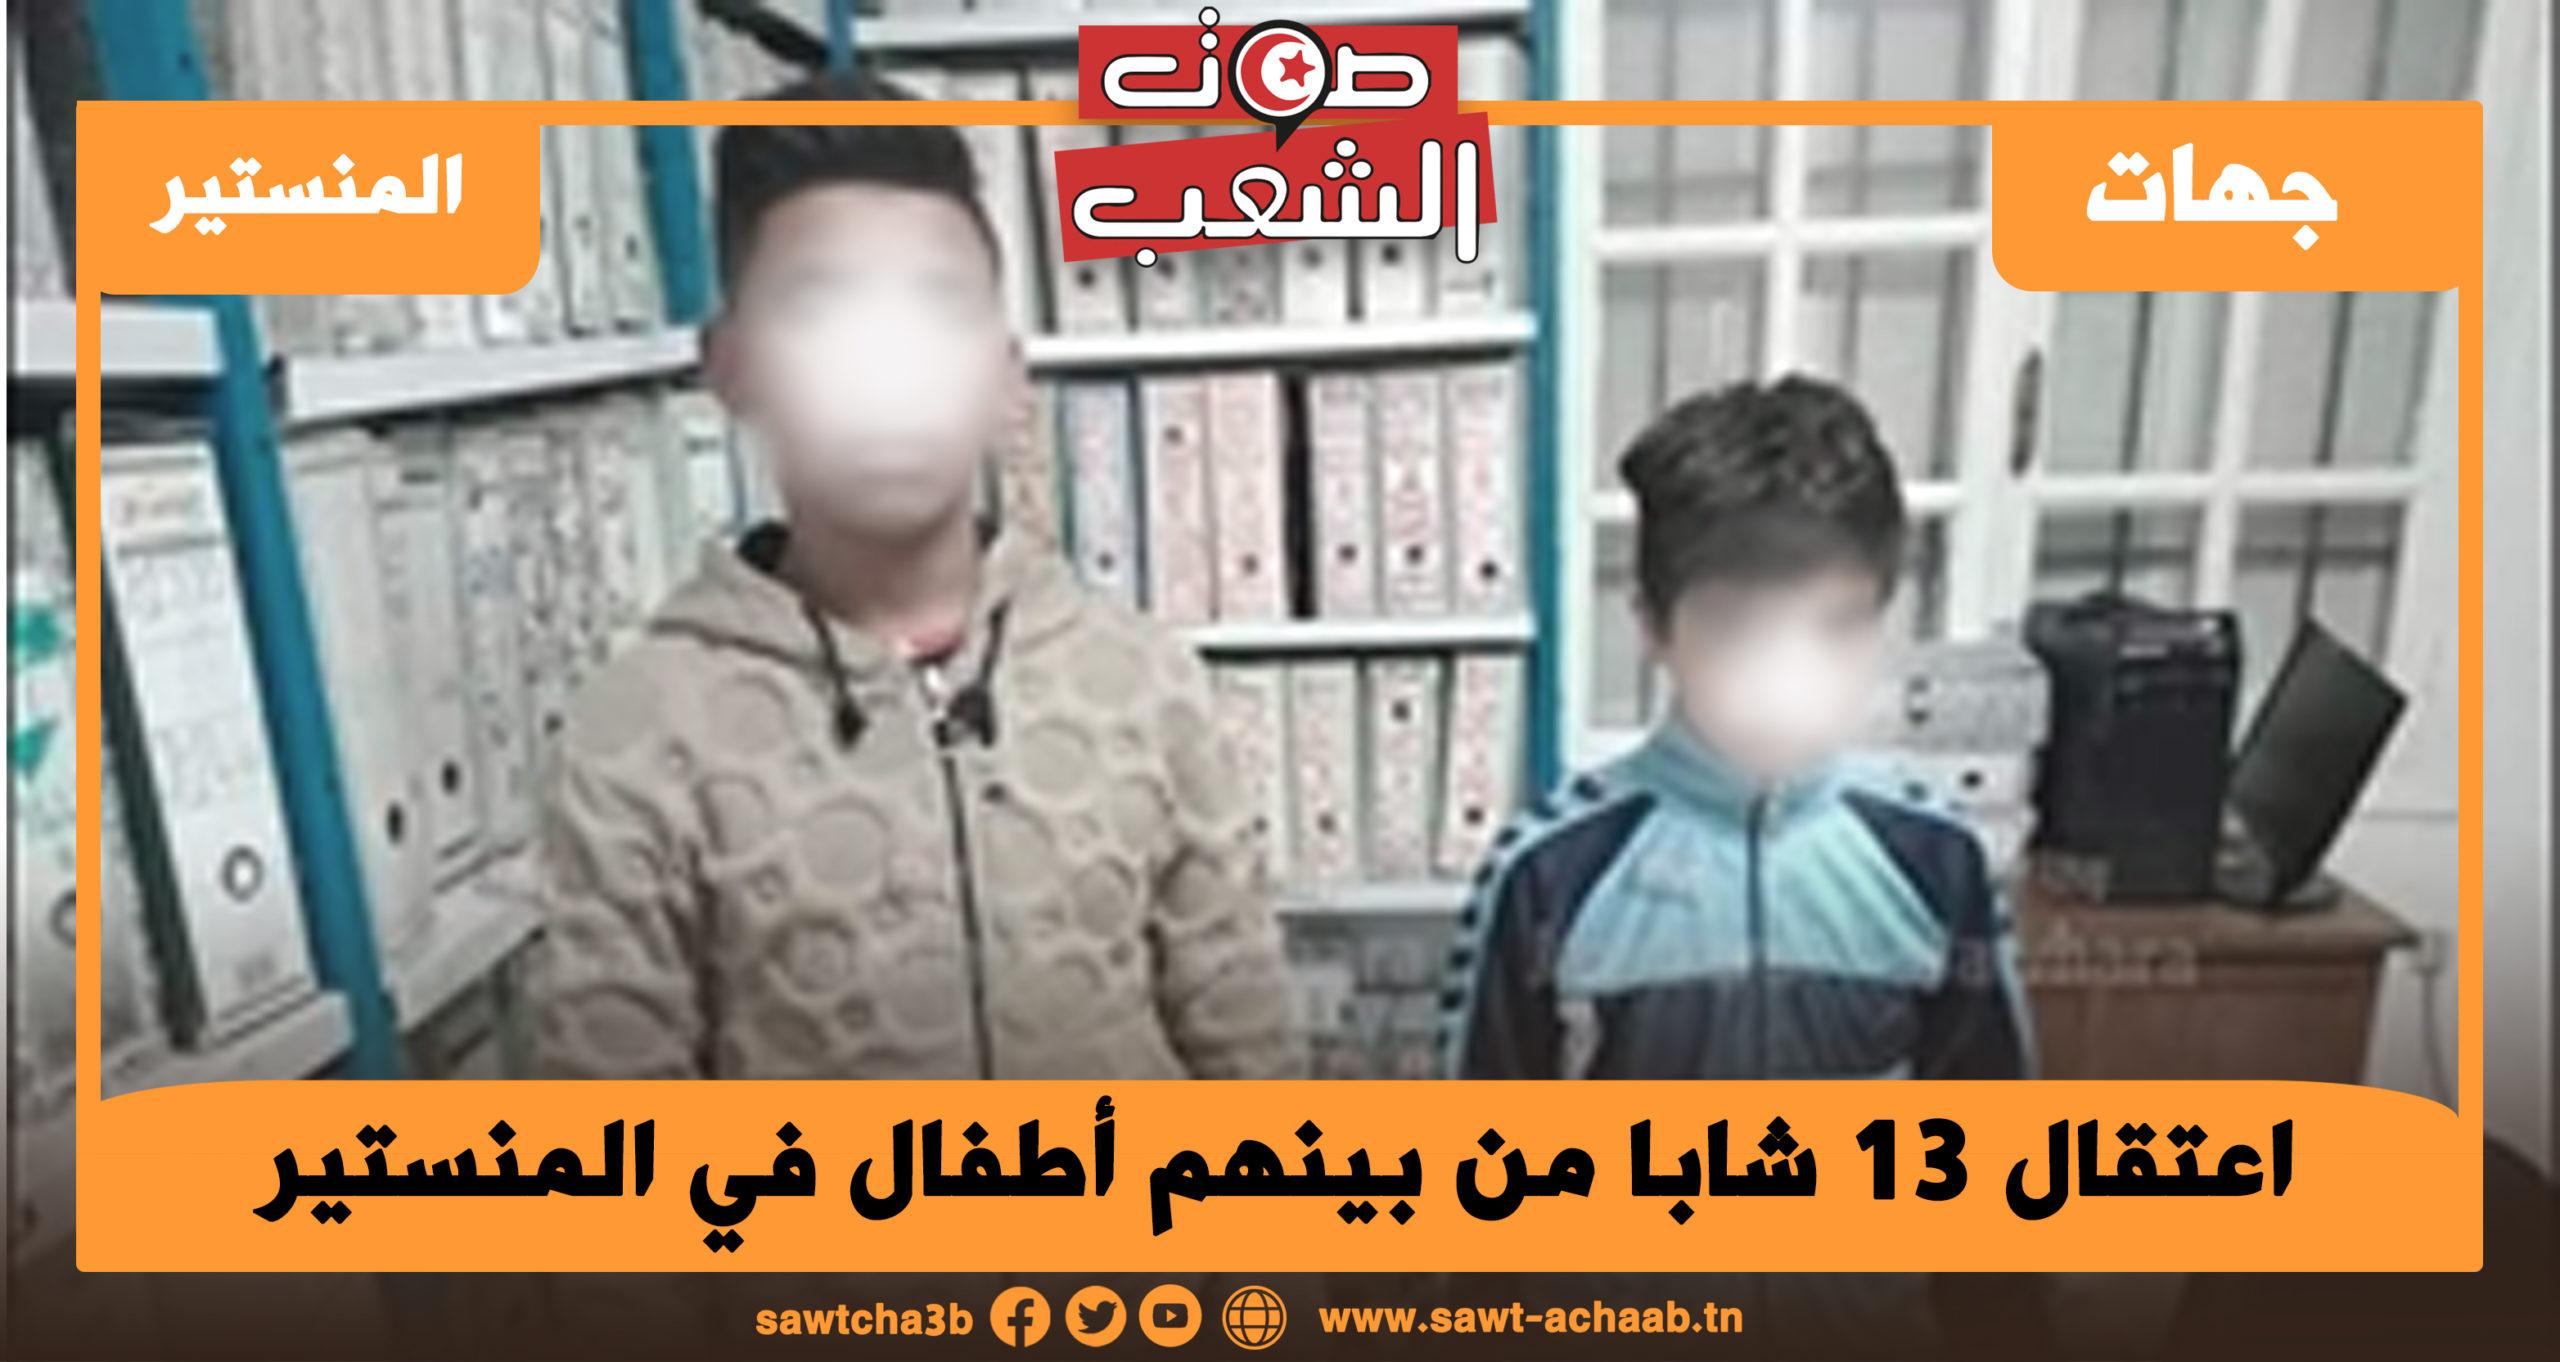 اعتقال 13 شابا من بينهم أطفال في المنستير